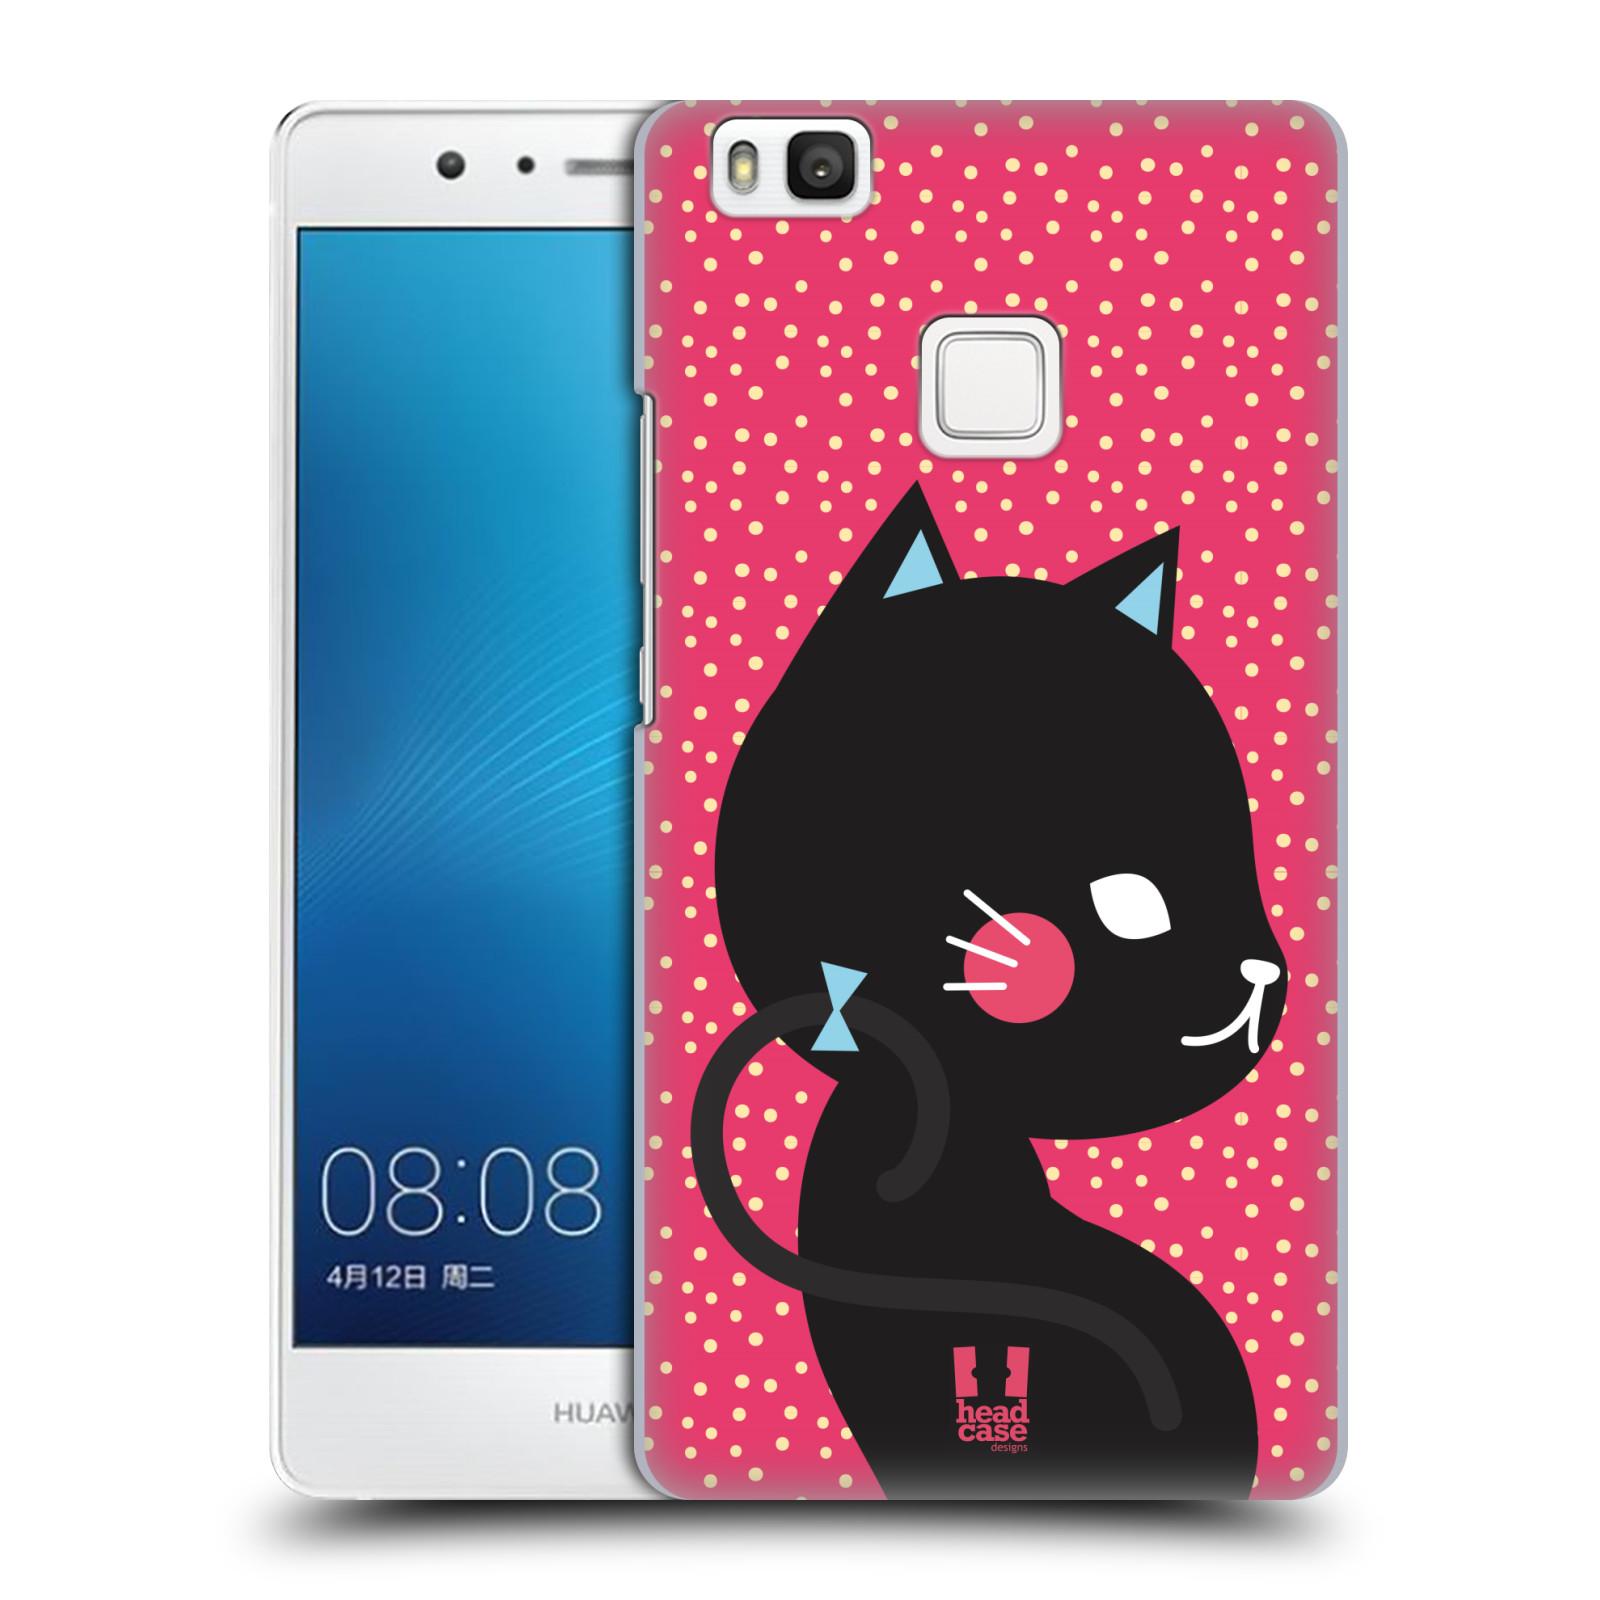 Plastové pouzdro na mobil Huawei P9 Lite HEAD CASE KOČIČKA Černá NA RŮŽOVÉ